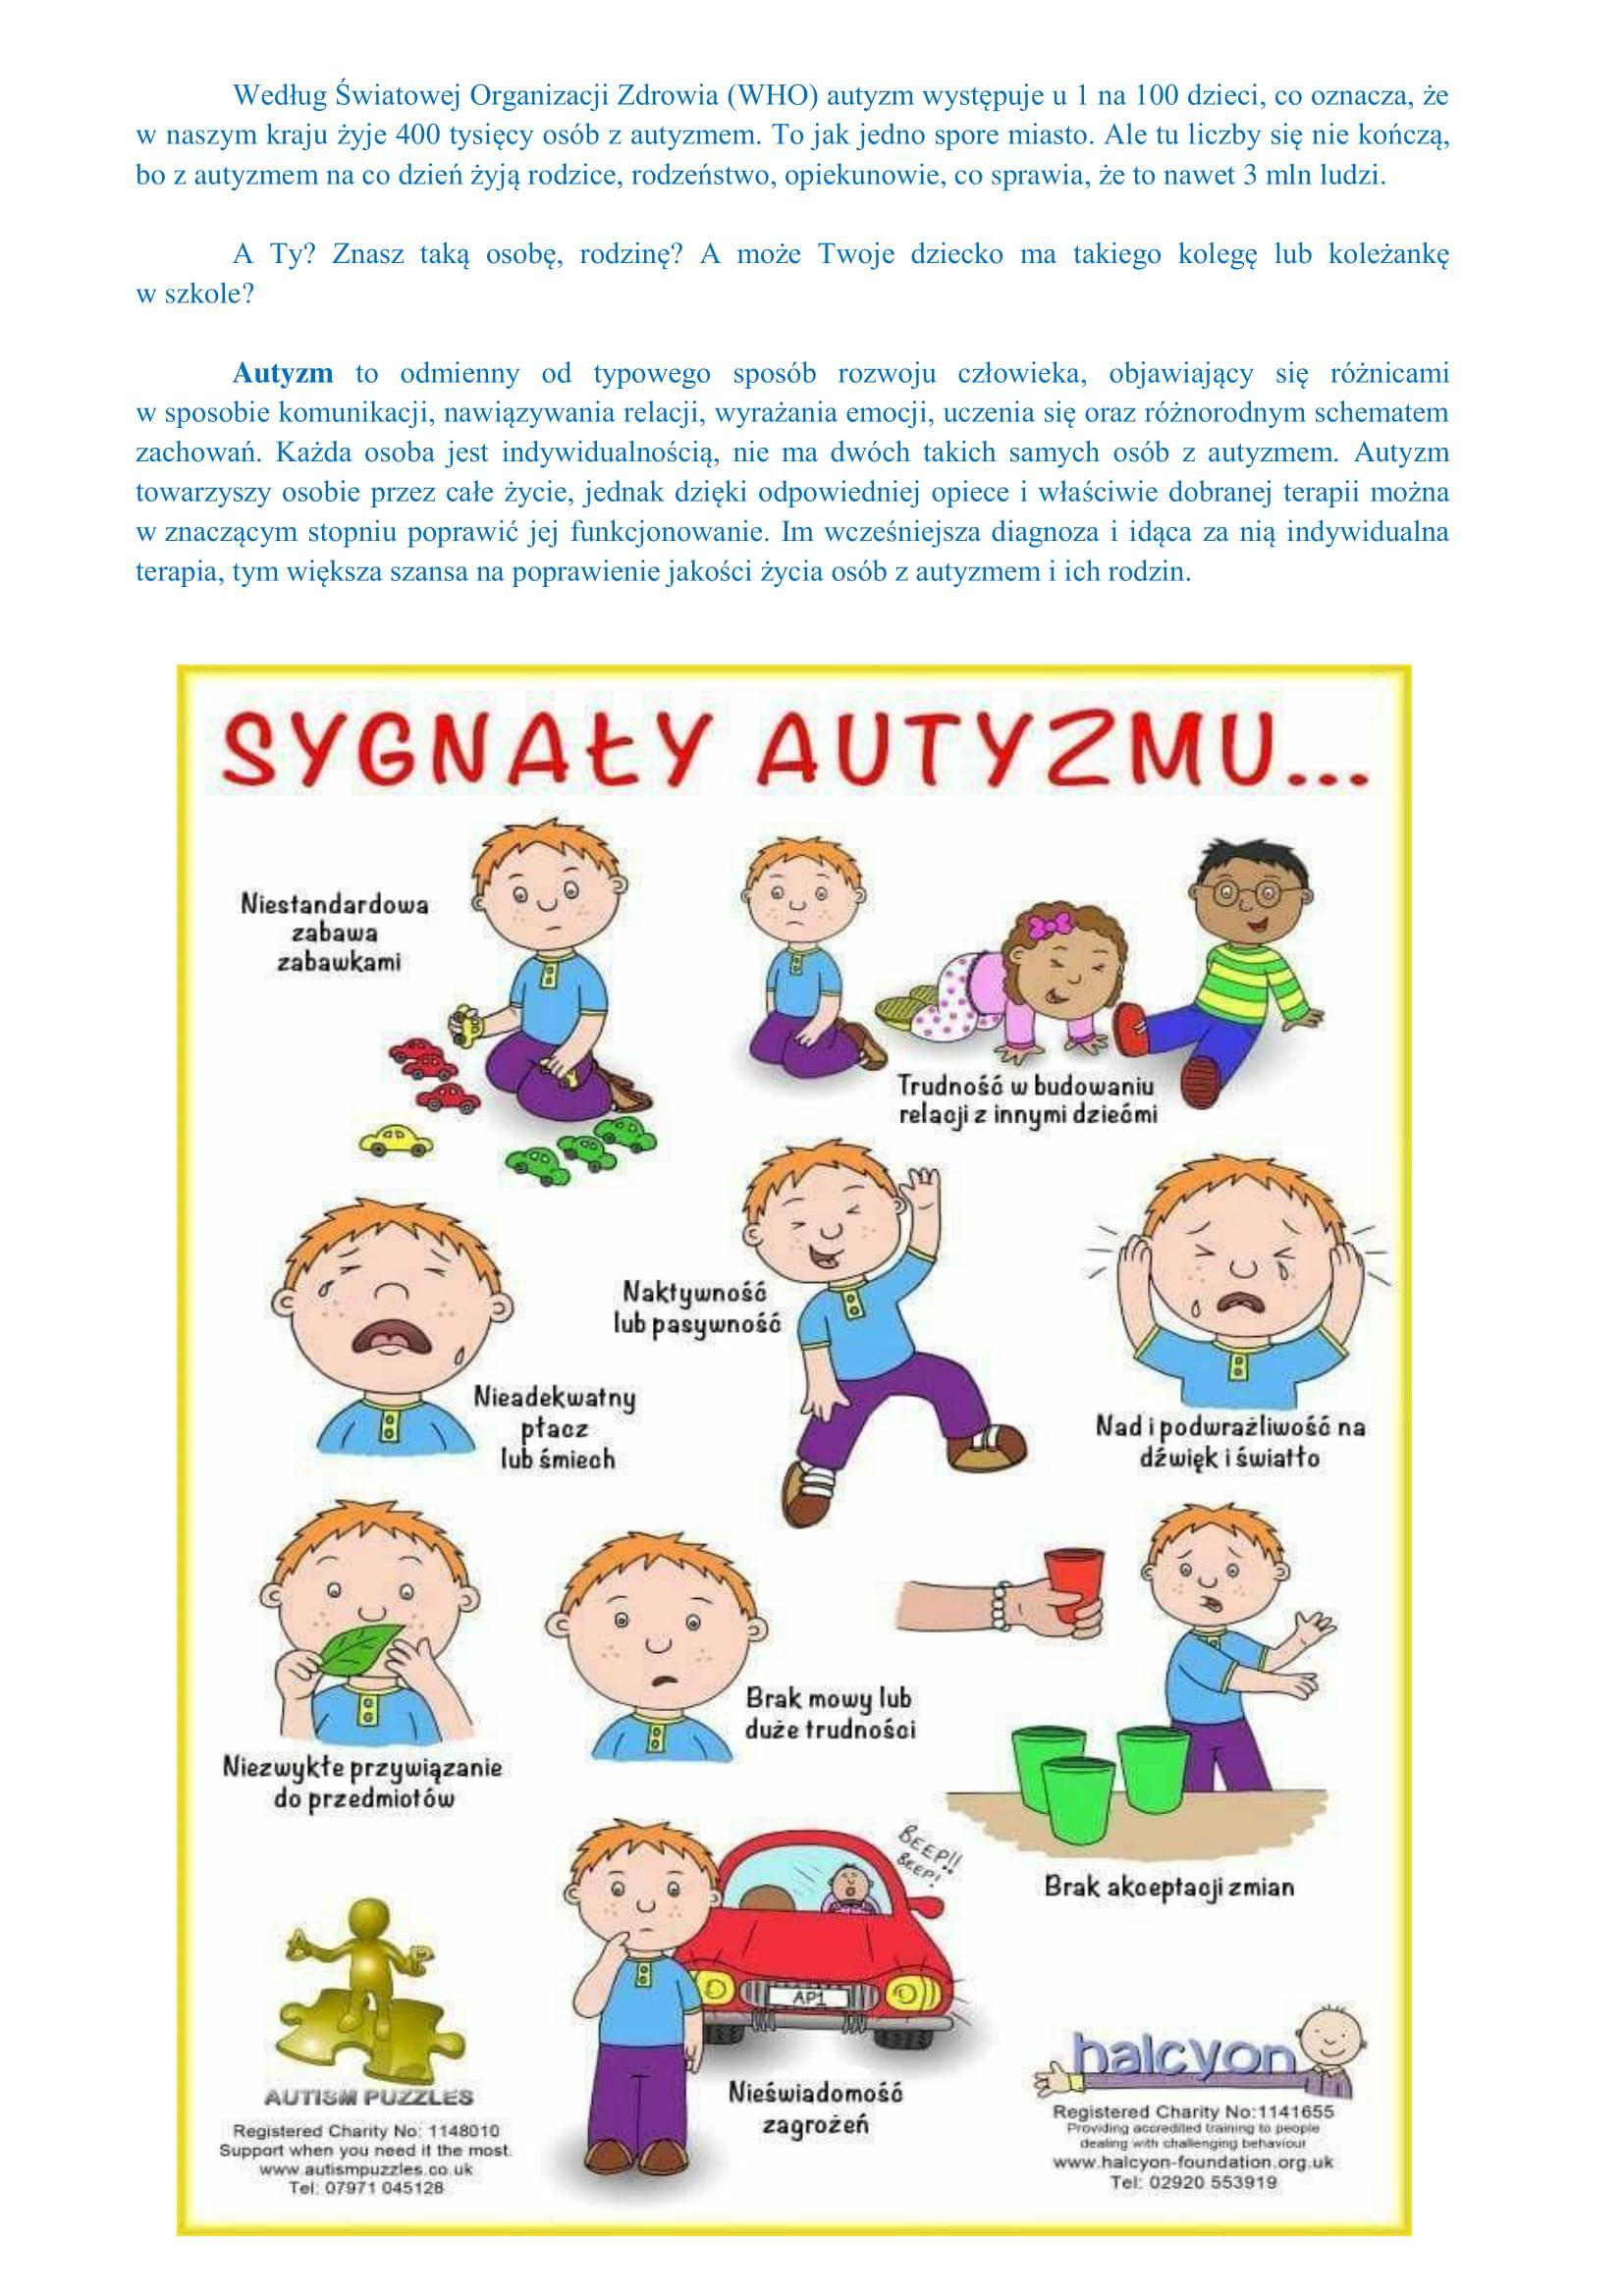 autyzm2